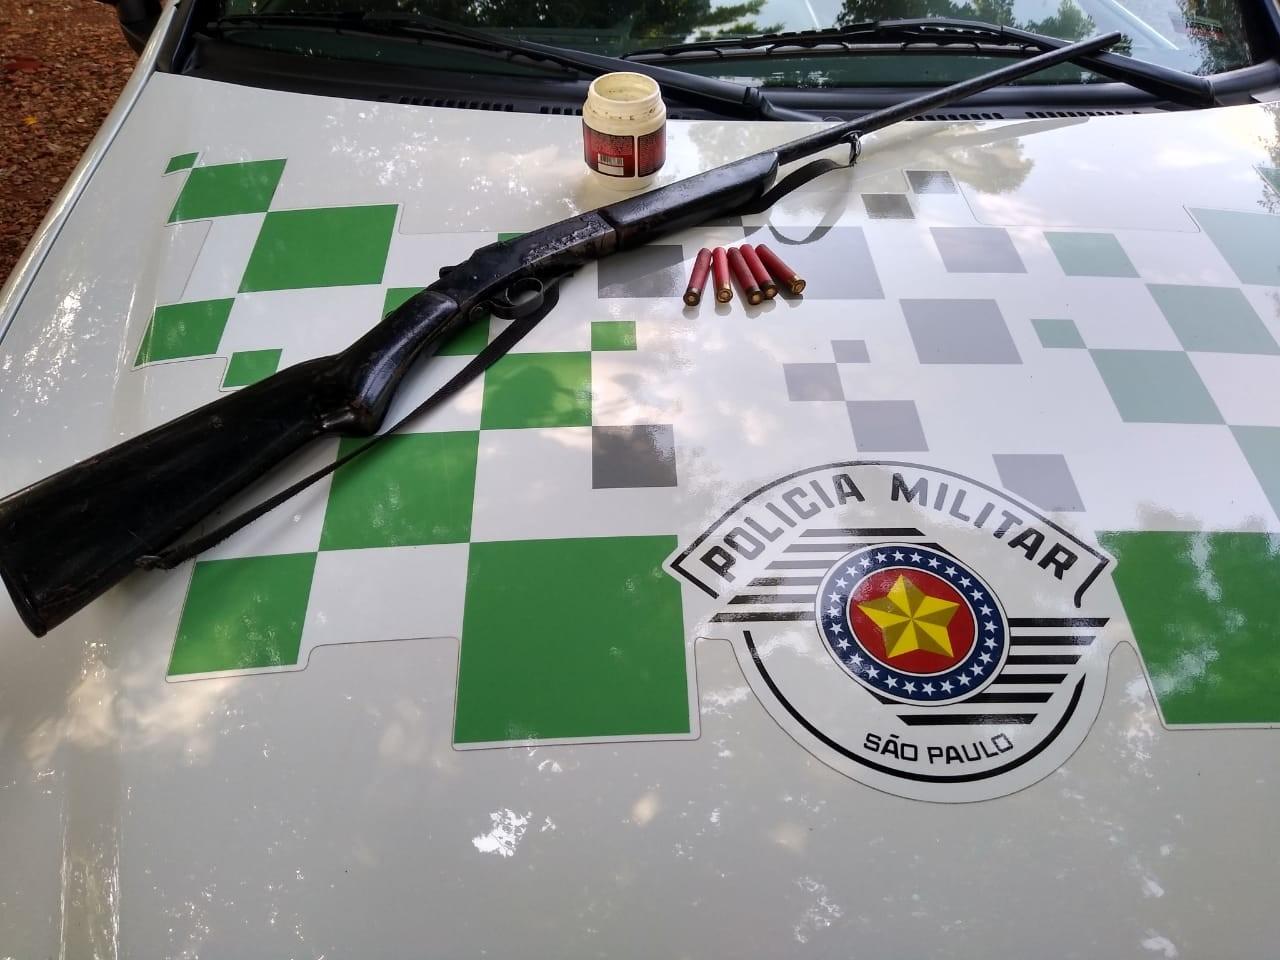 Polícia apreende espingarda e munições com dono de chácara em Igaraçu do Tietê